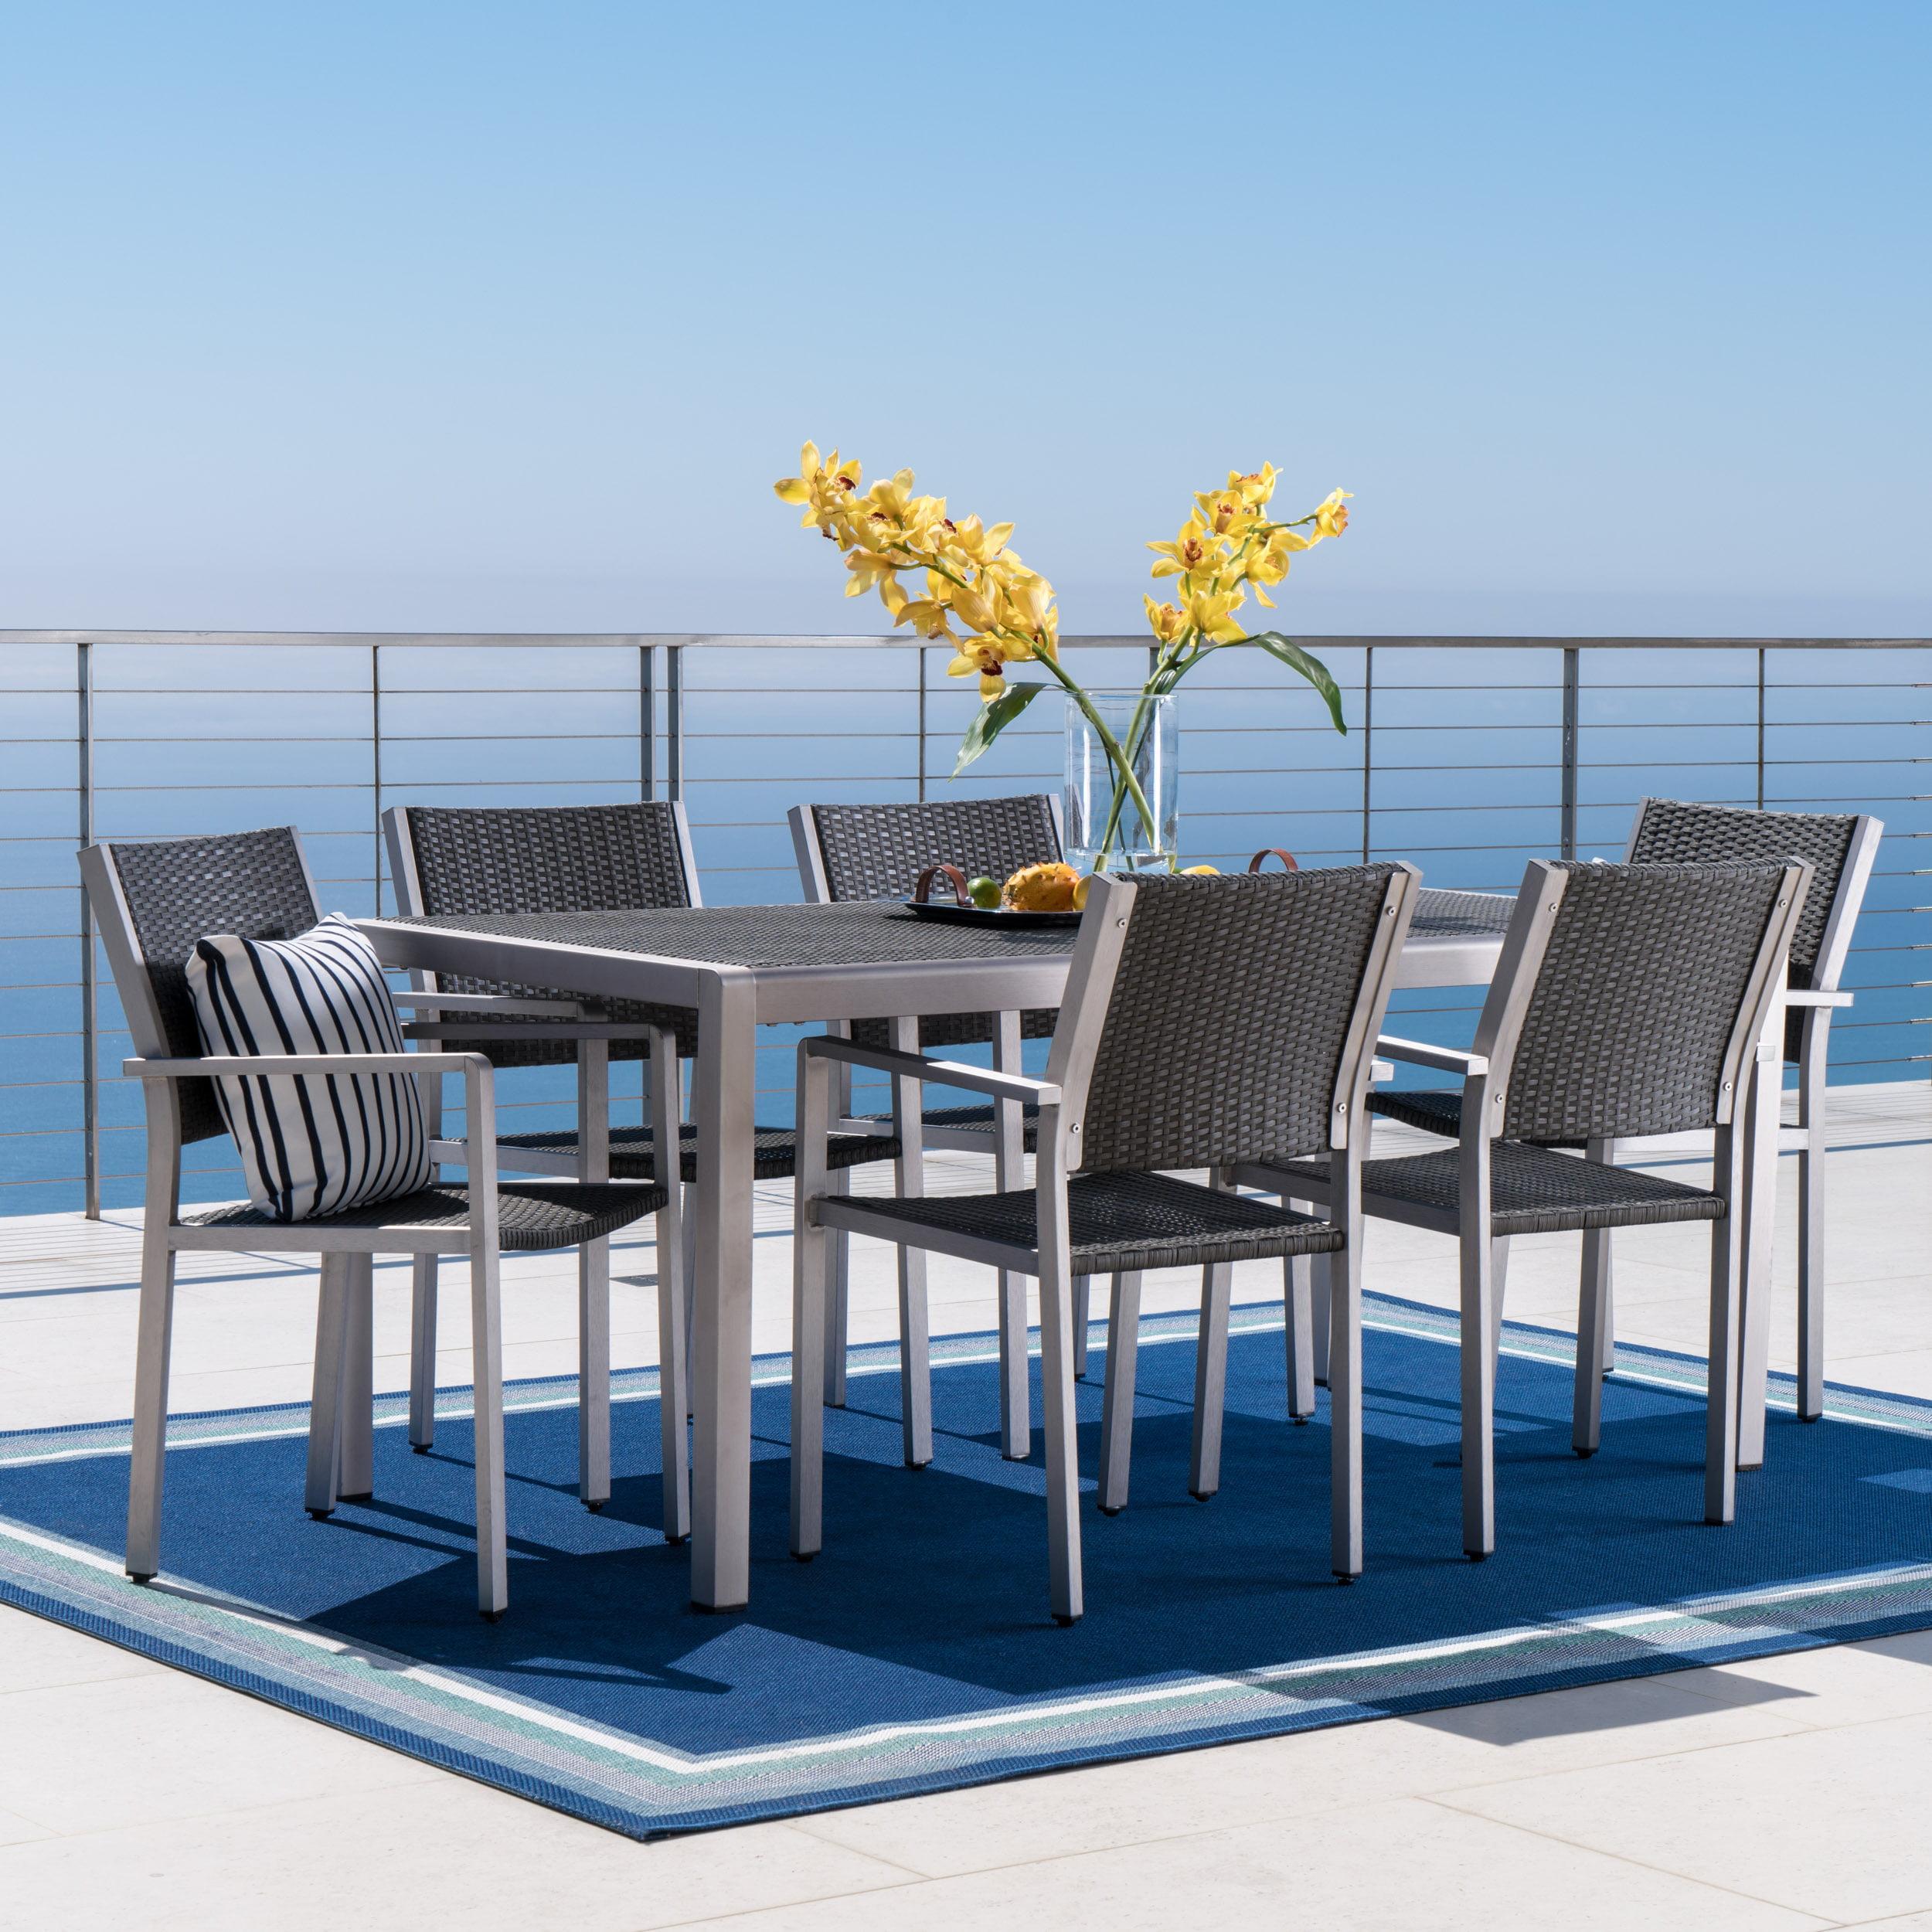 Miller Outdoor 7 Piece Aluminum Dining Set with Wicker Top, Grey